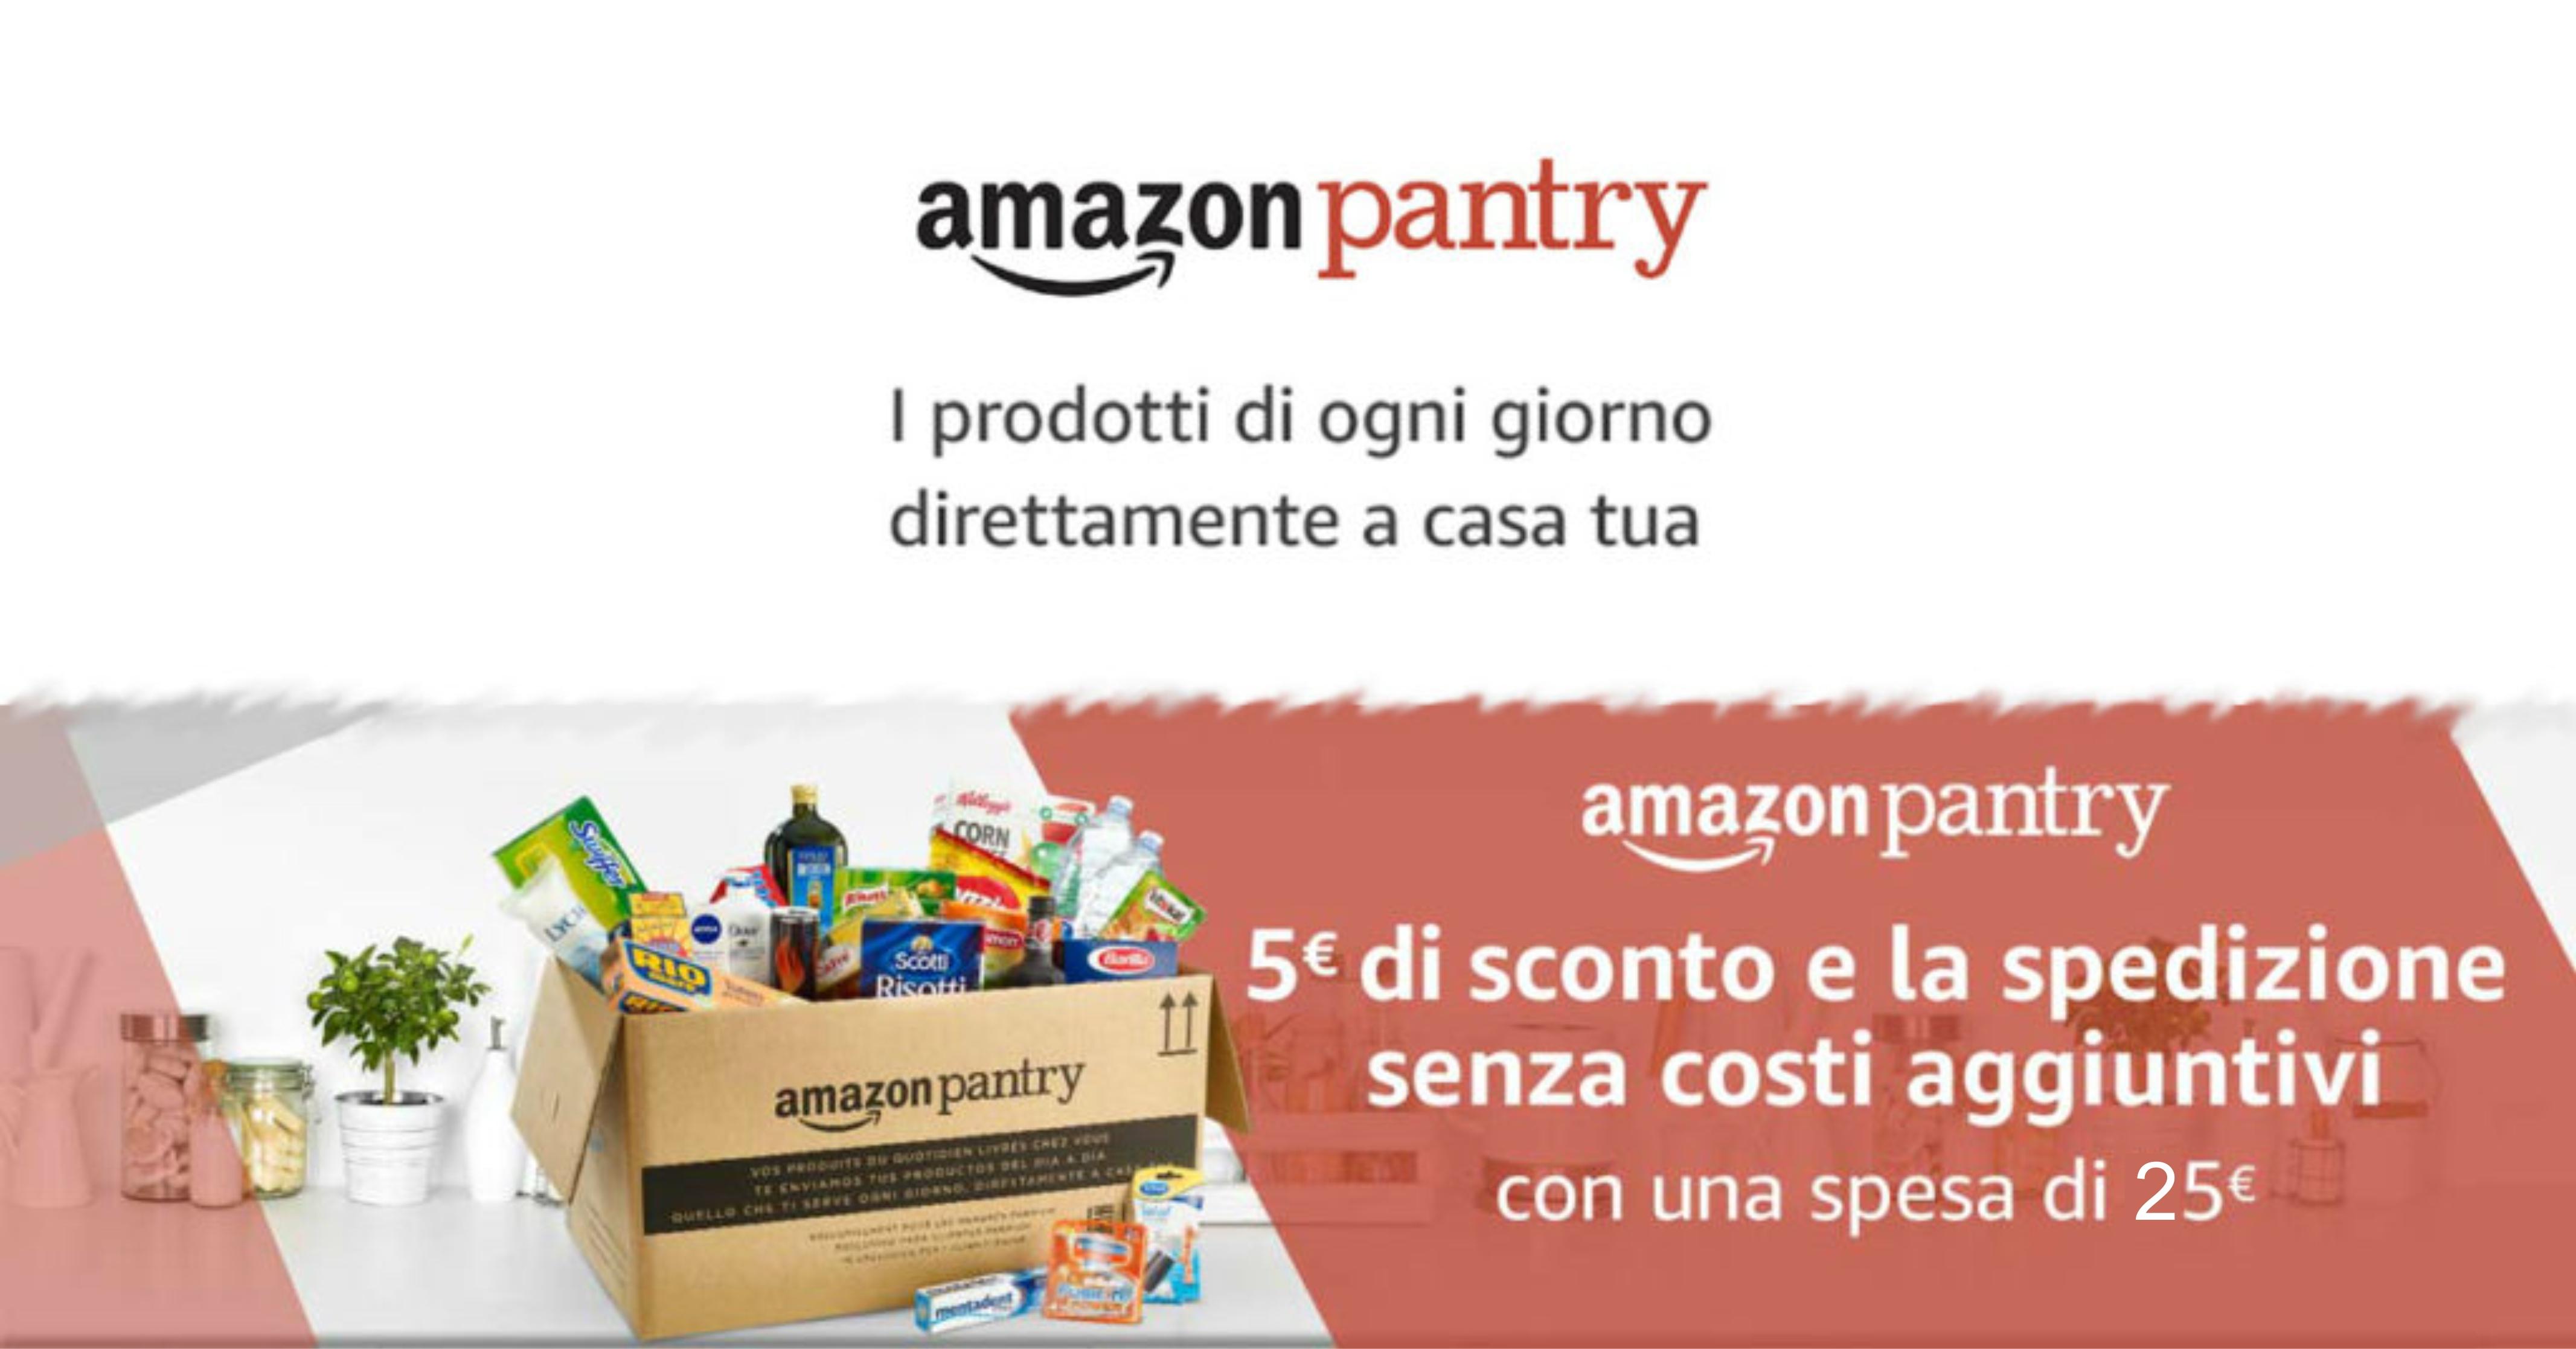 Amazon pantry 5 di sconto e spedizione gratuita su un for Codice coupon amazon